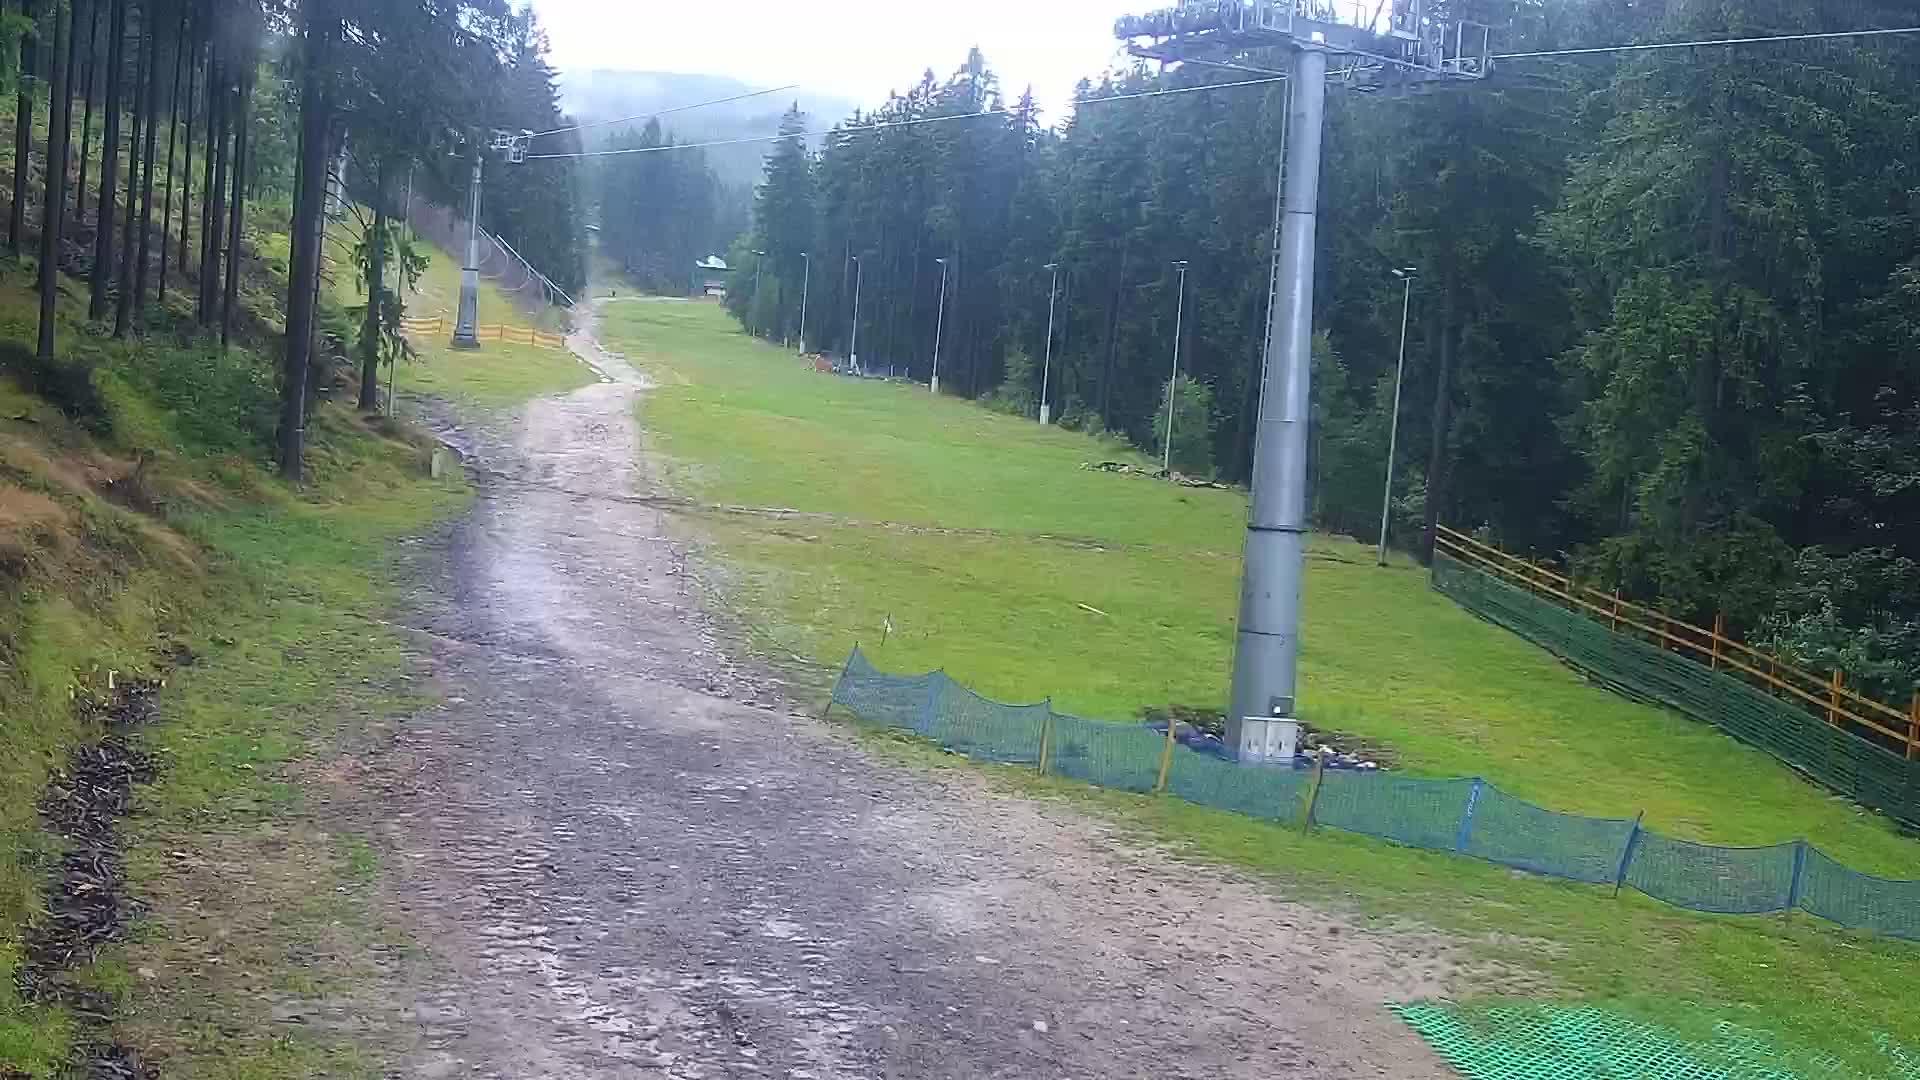 Webcam Ski Resort Karpacz Bialy Jar Tal - Giant Mountains